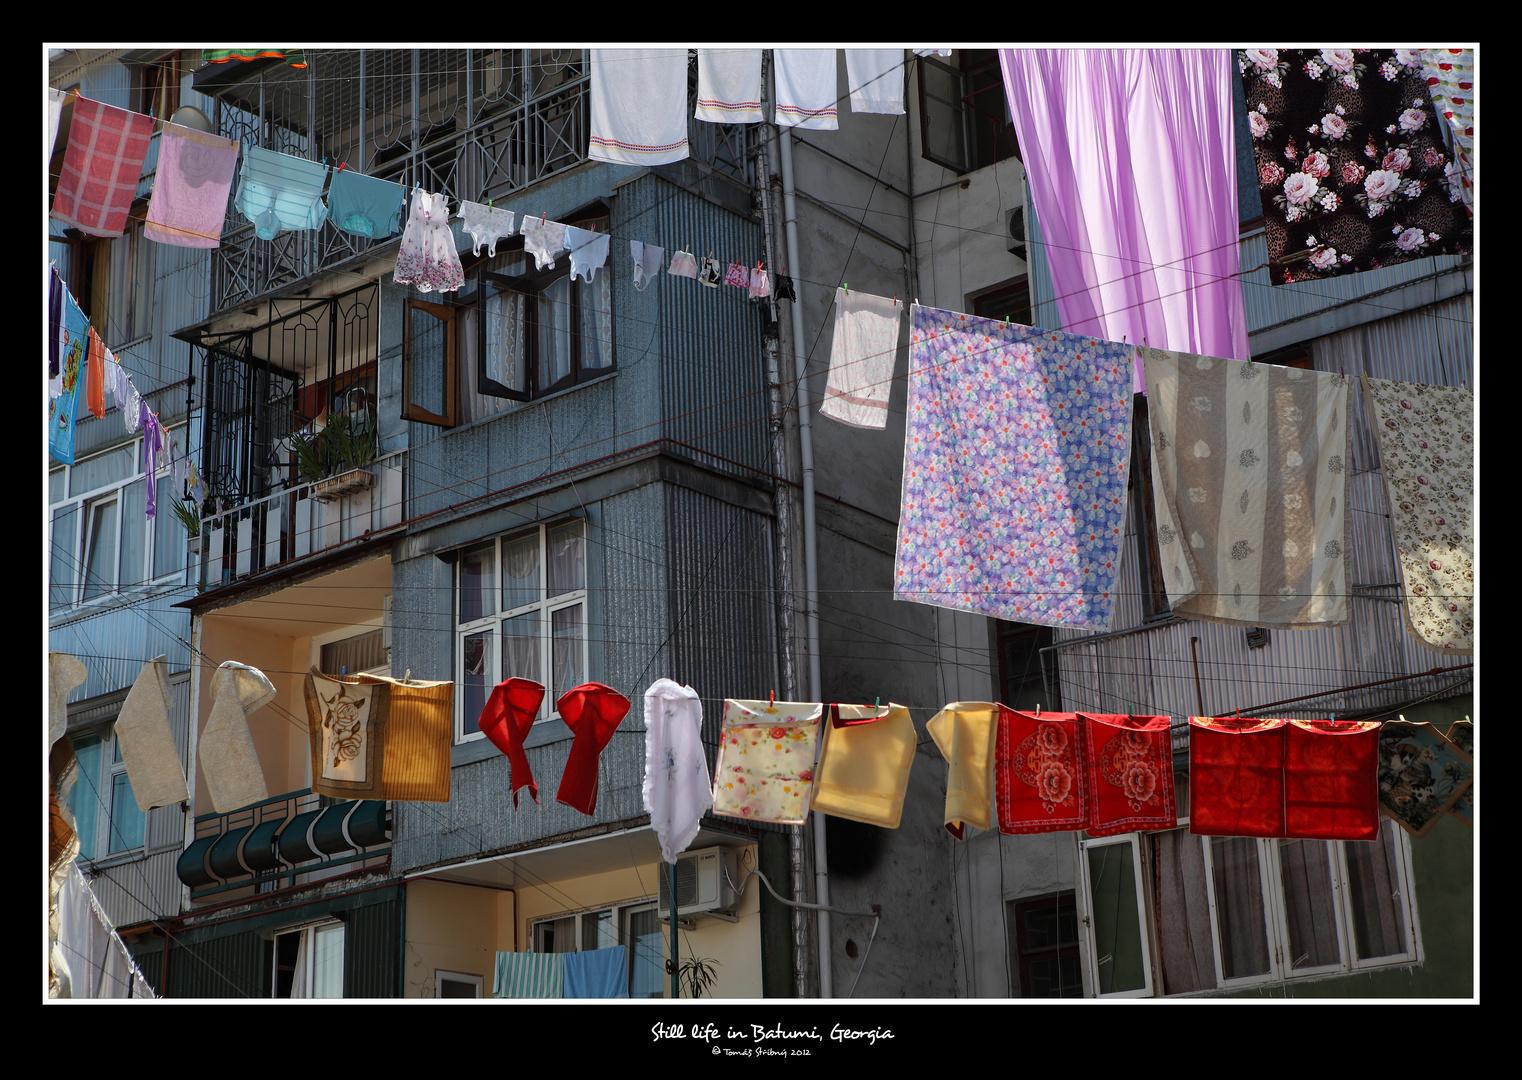 Still life in Batumi